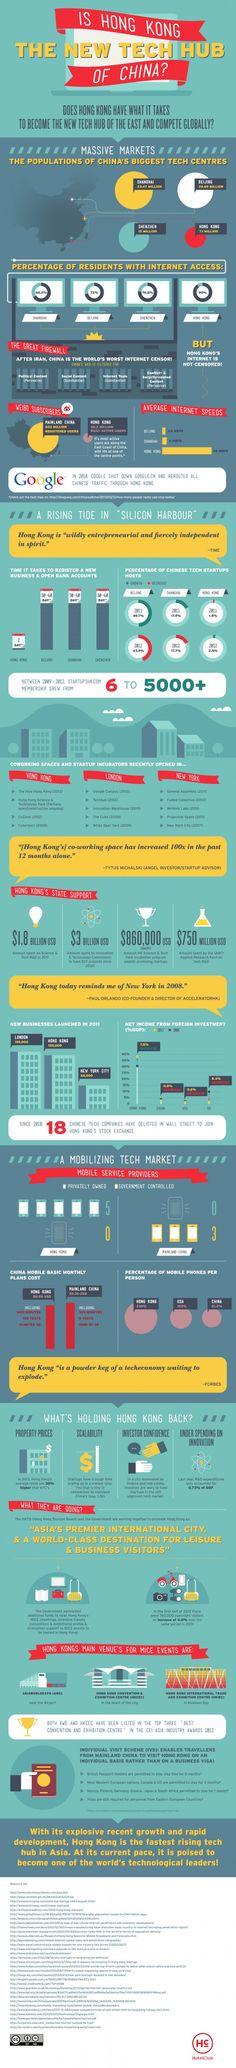 ¿Es Hong Kong el centro tecnológico de China? #infografia #infographic